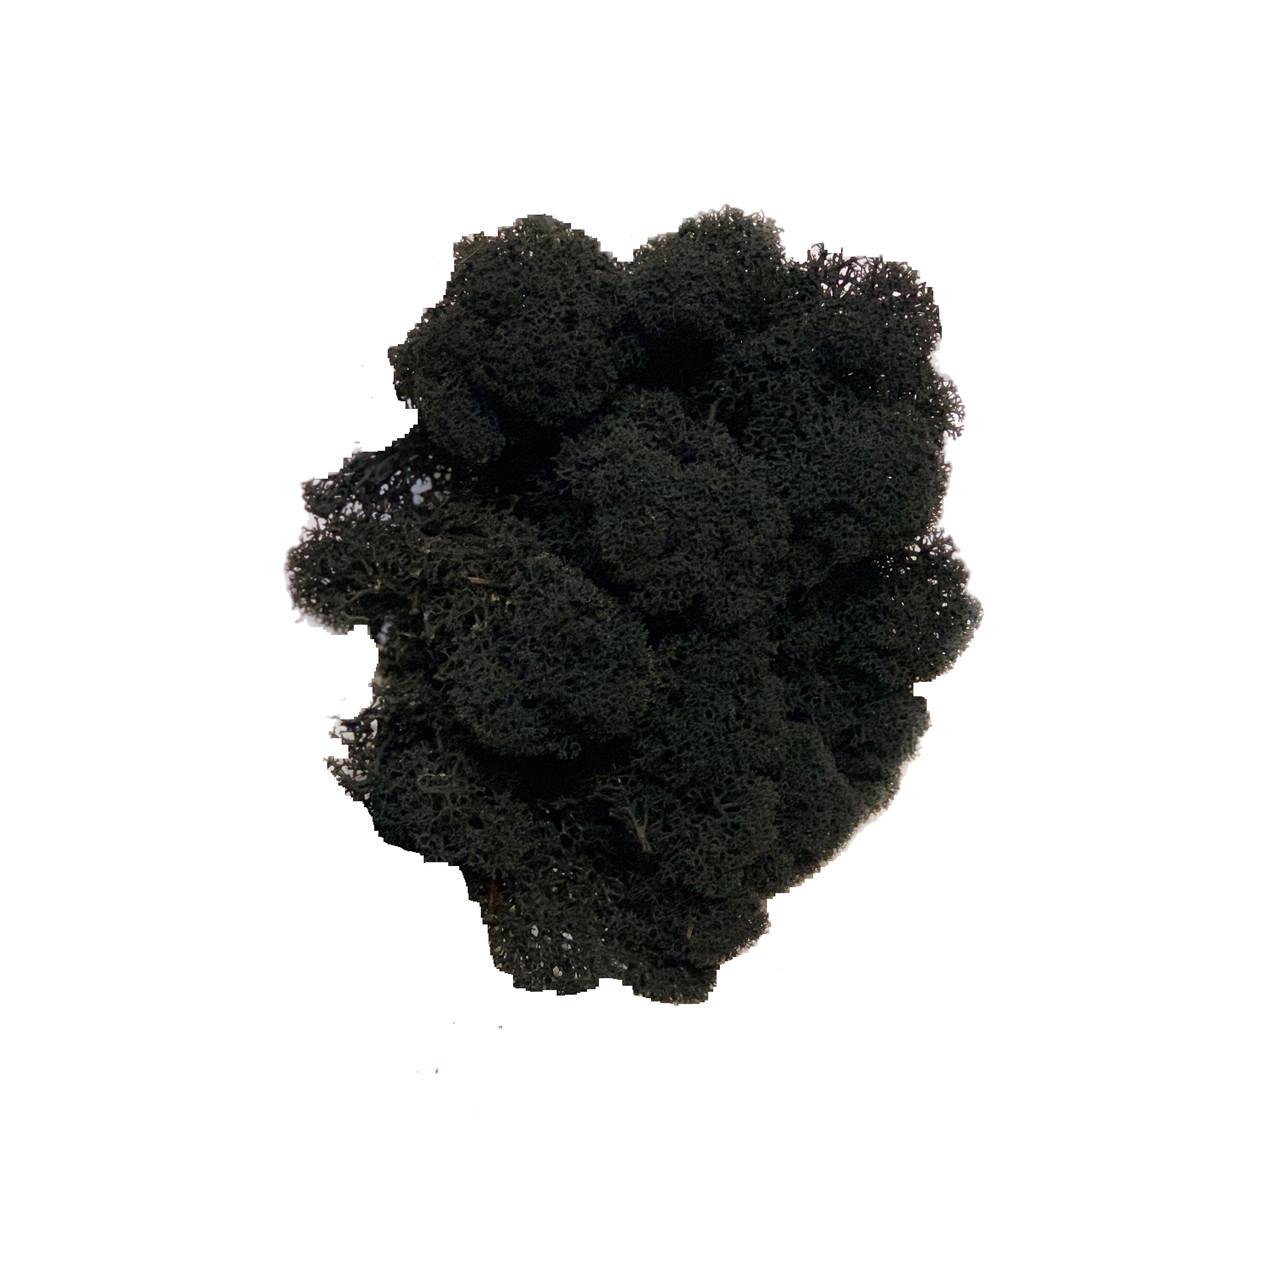 Очищений стабилизированный мох Green Ecco Moss cкандинавский ягель Black 0,5 кг